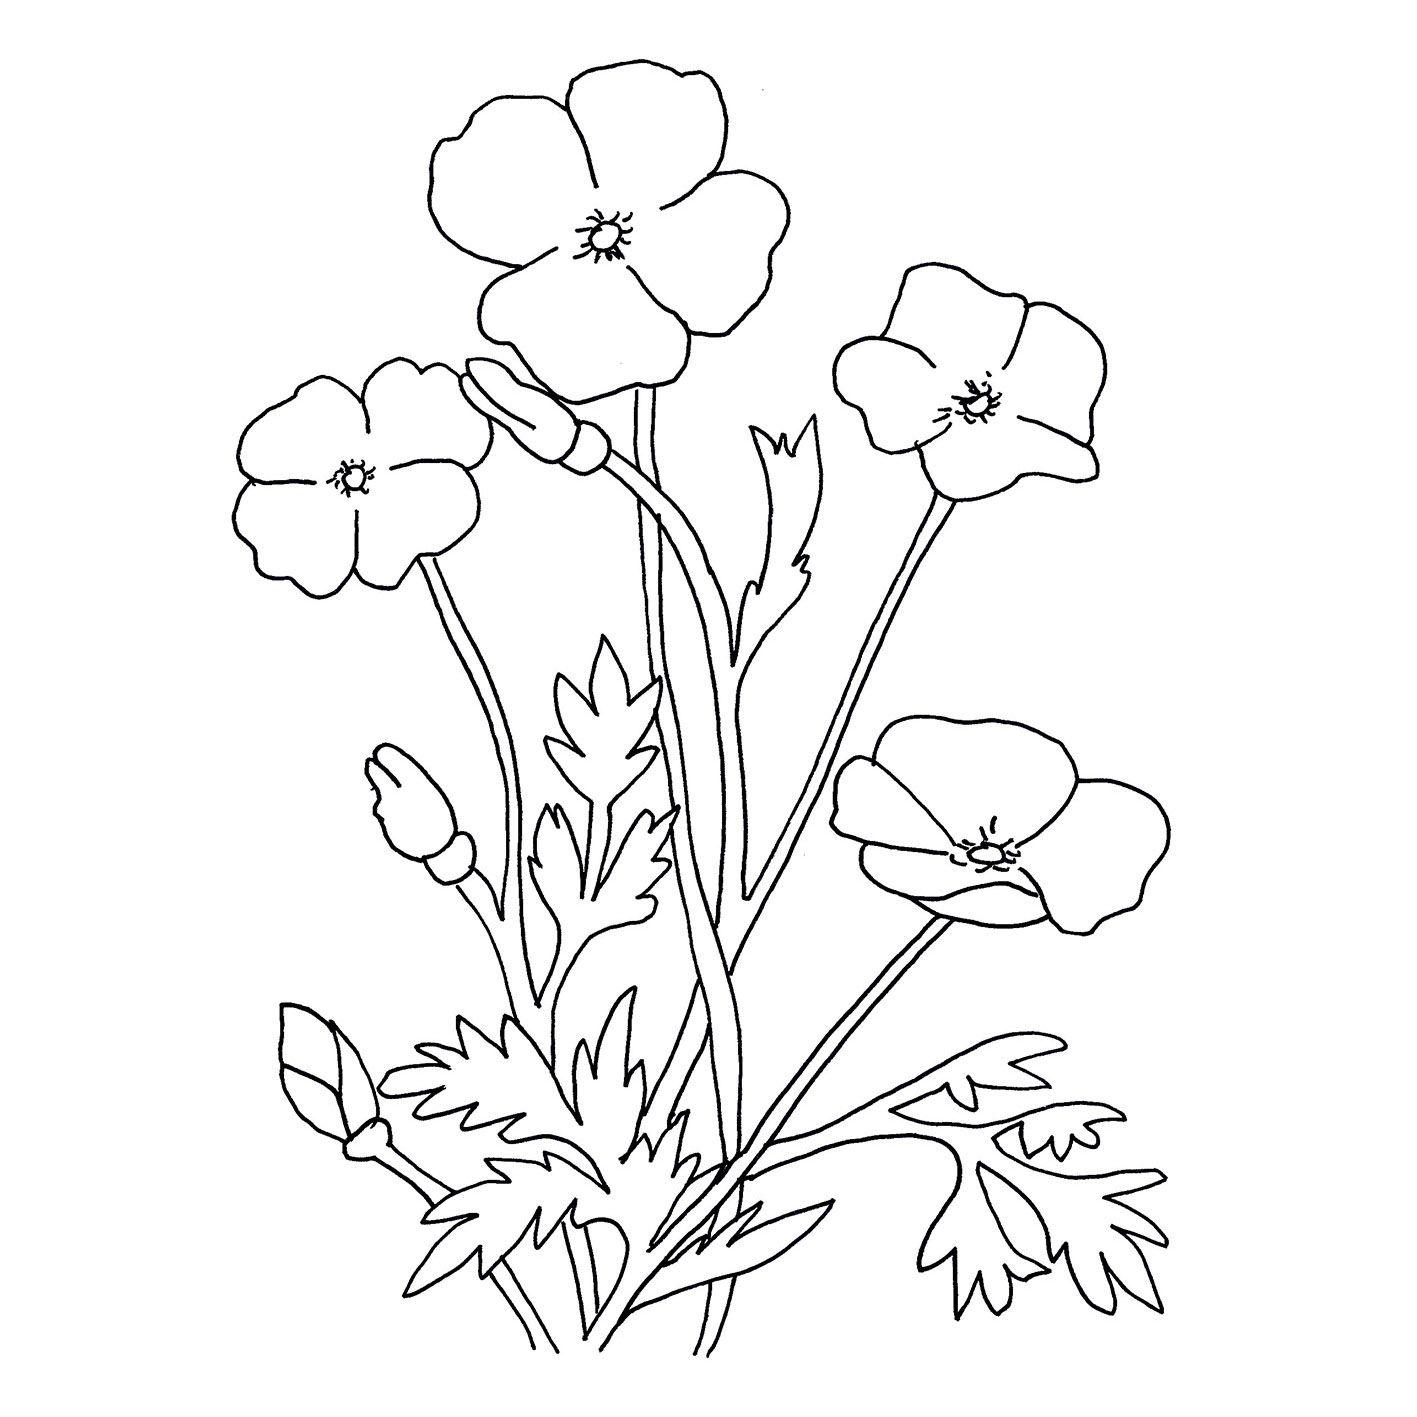 dibujos para colorear de flores grandes | flores lucy | Pinterest ...